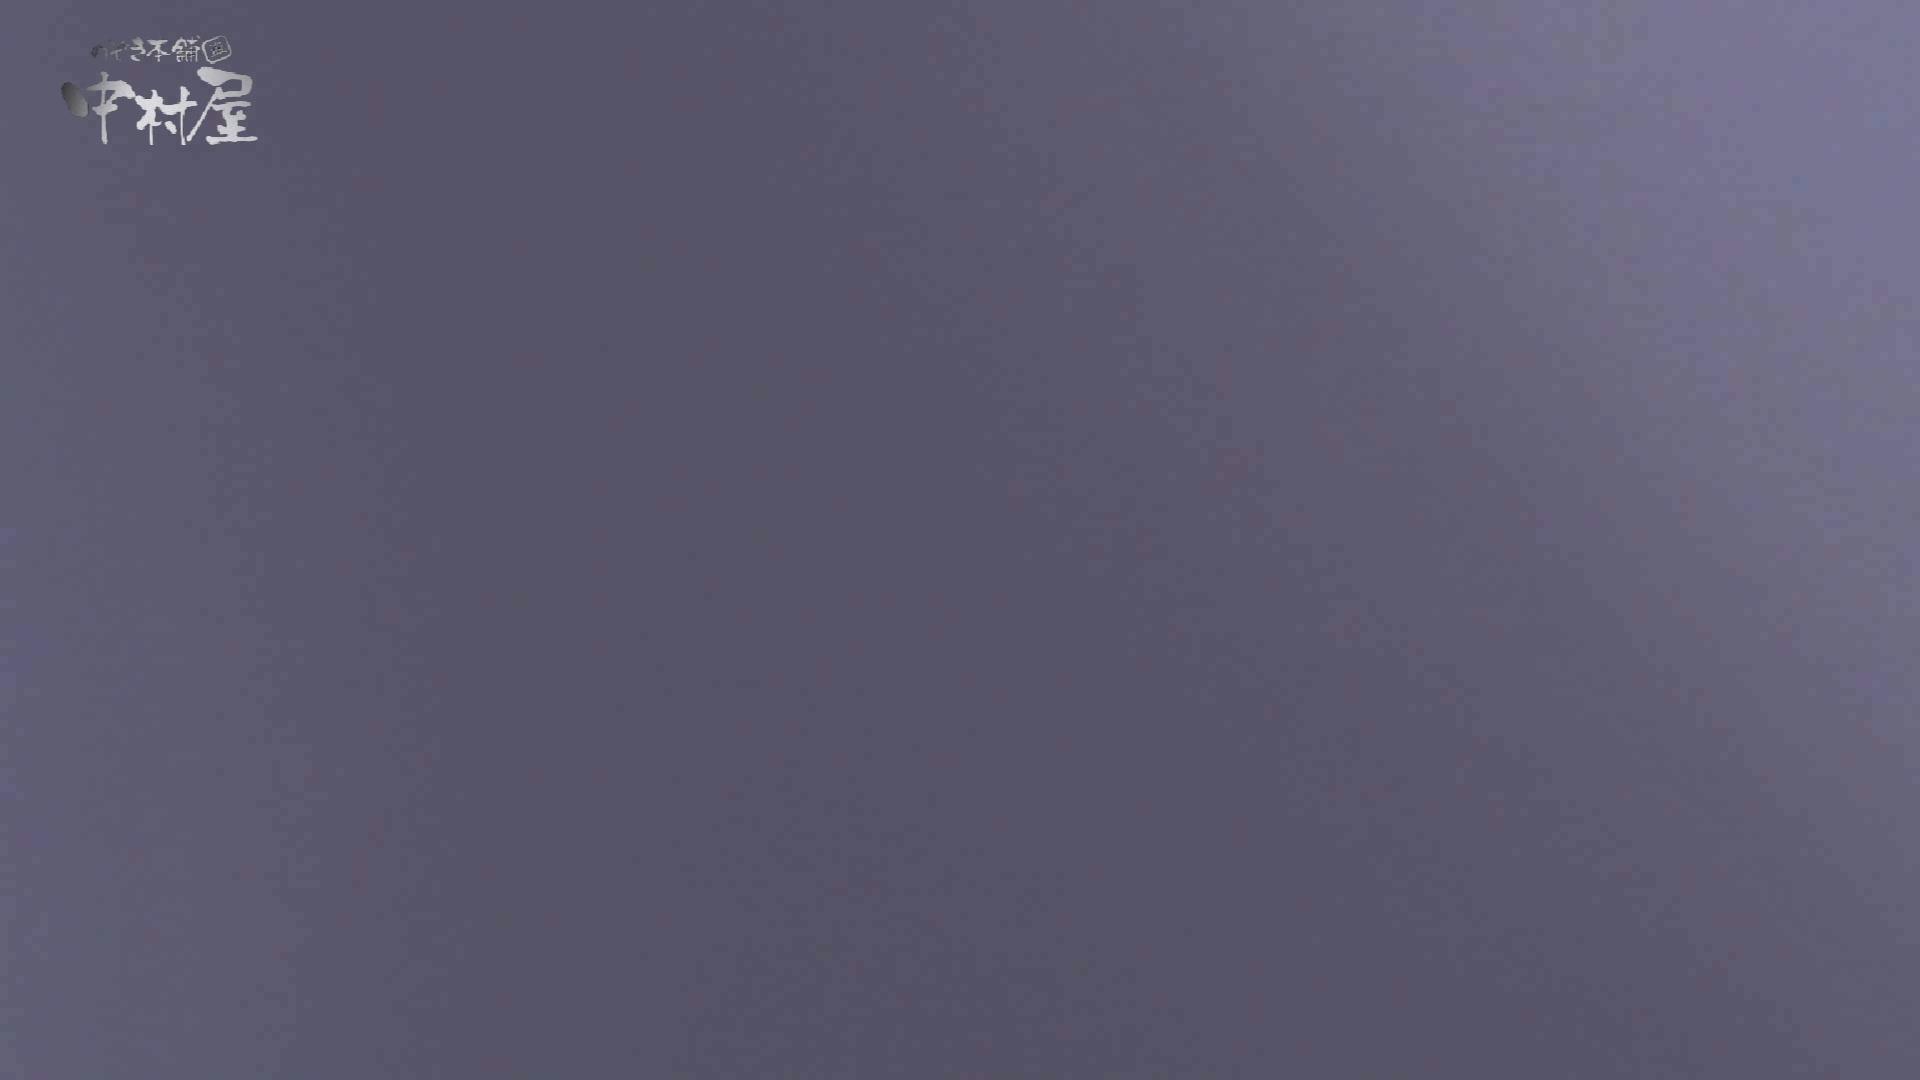 洗面所突入レポート!!vol.3 マンコエロすぎ エロ画像 94PIX 93